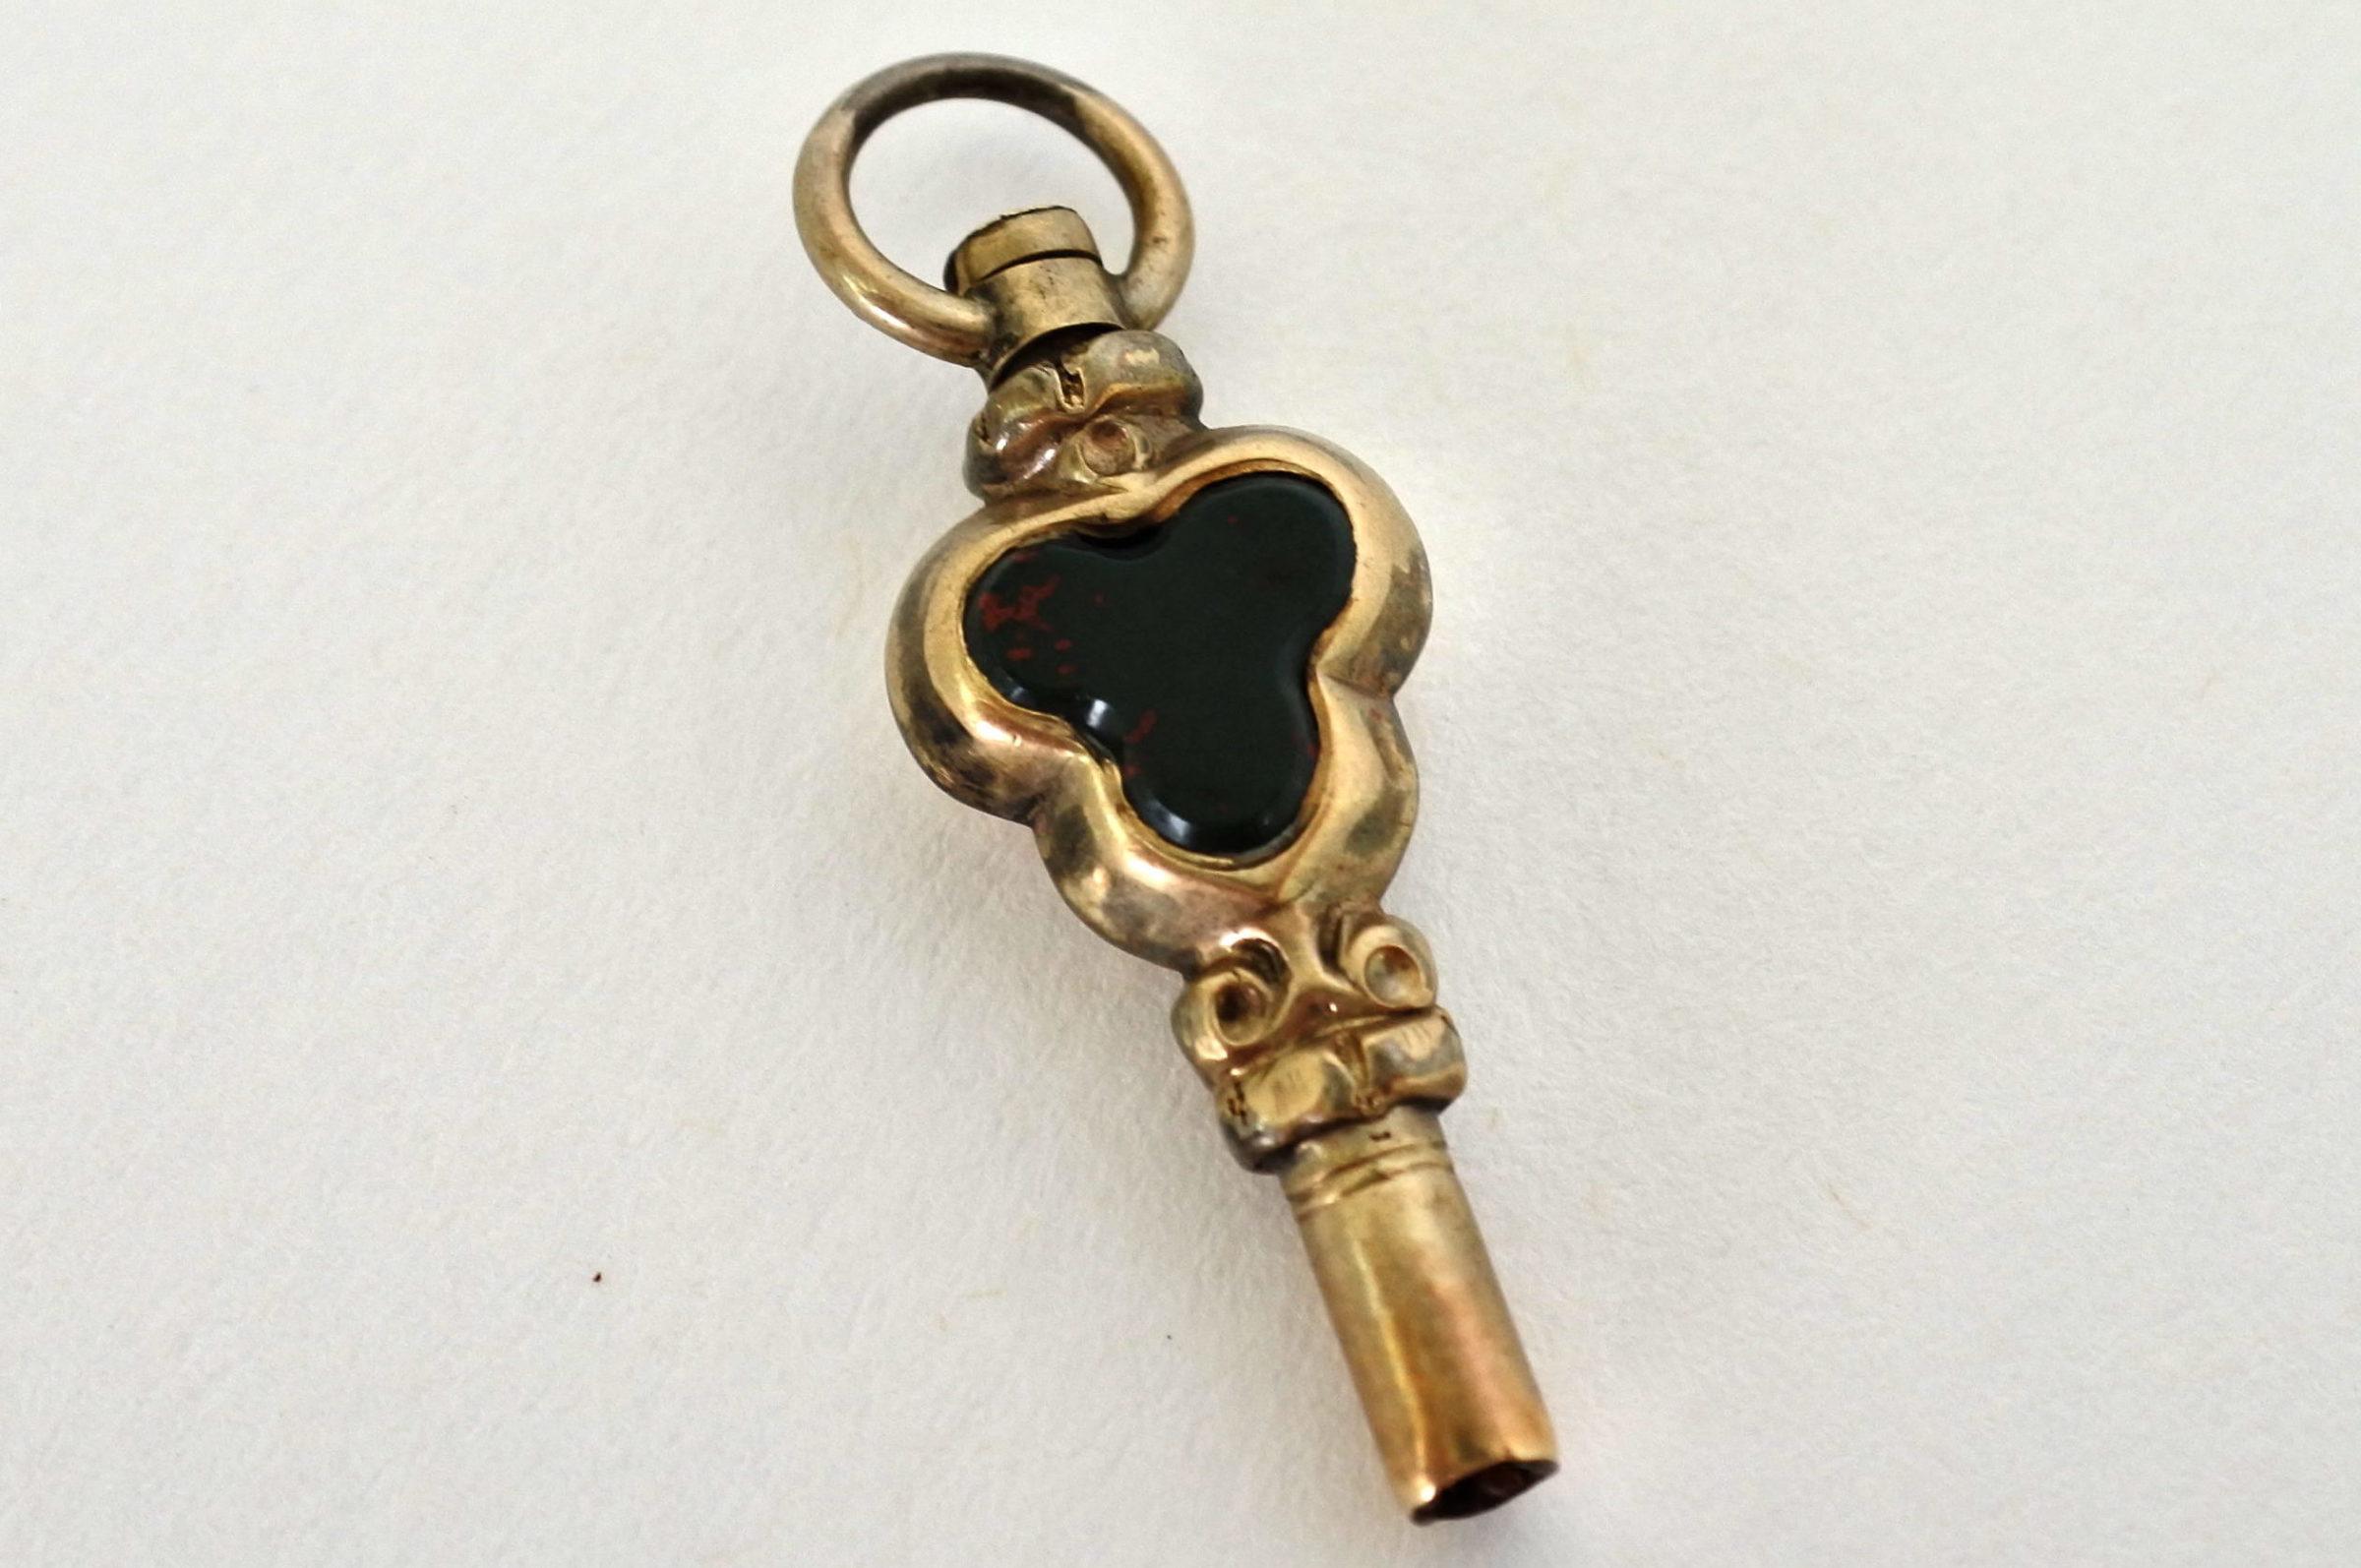 Chiavetta per orologio da tasca in argento con pietre dure